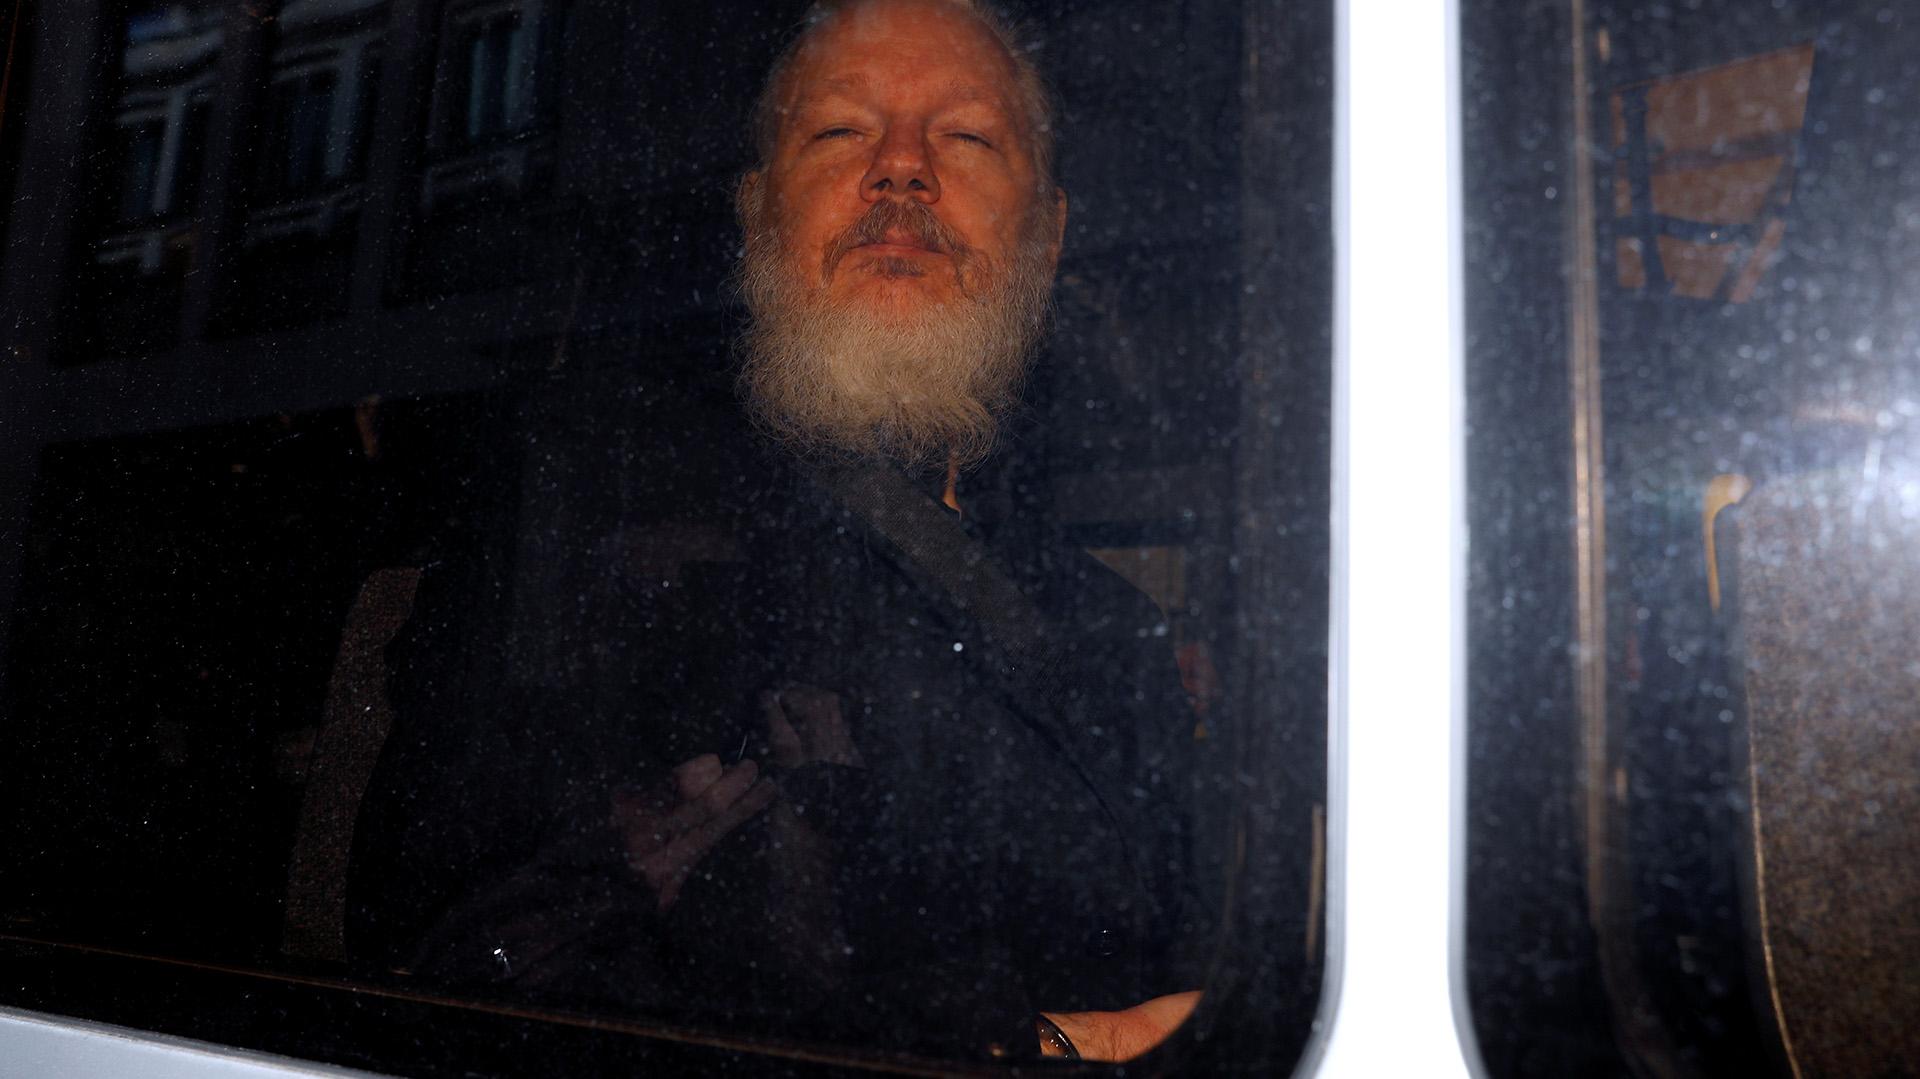 El fundador de WikiLeaks, Julian Assange, en las afueras de Westminster Magistrates Court en Londres, Gran Bretaña, tras ser detenido por la policía británica el 11 de abril de 2019. (Reuters)